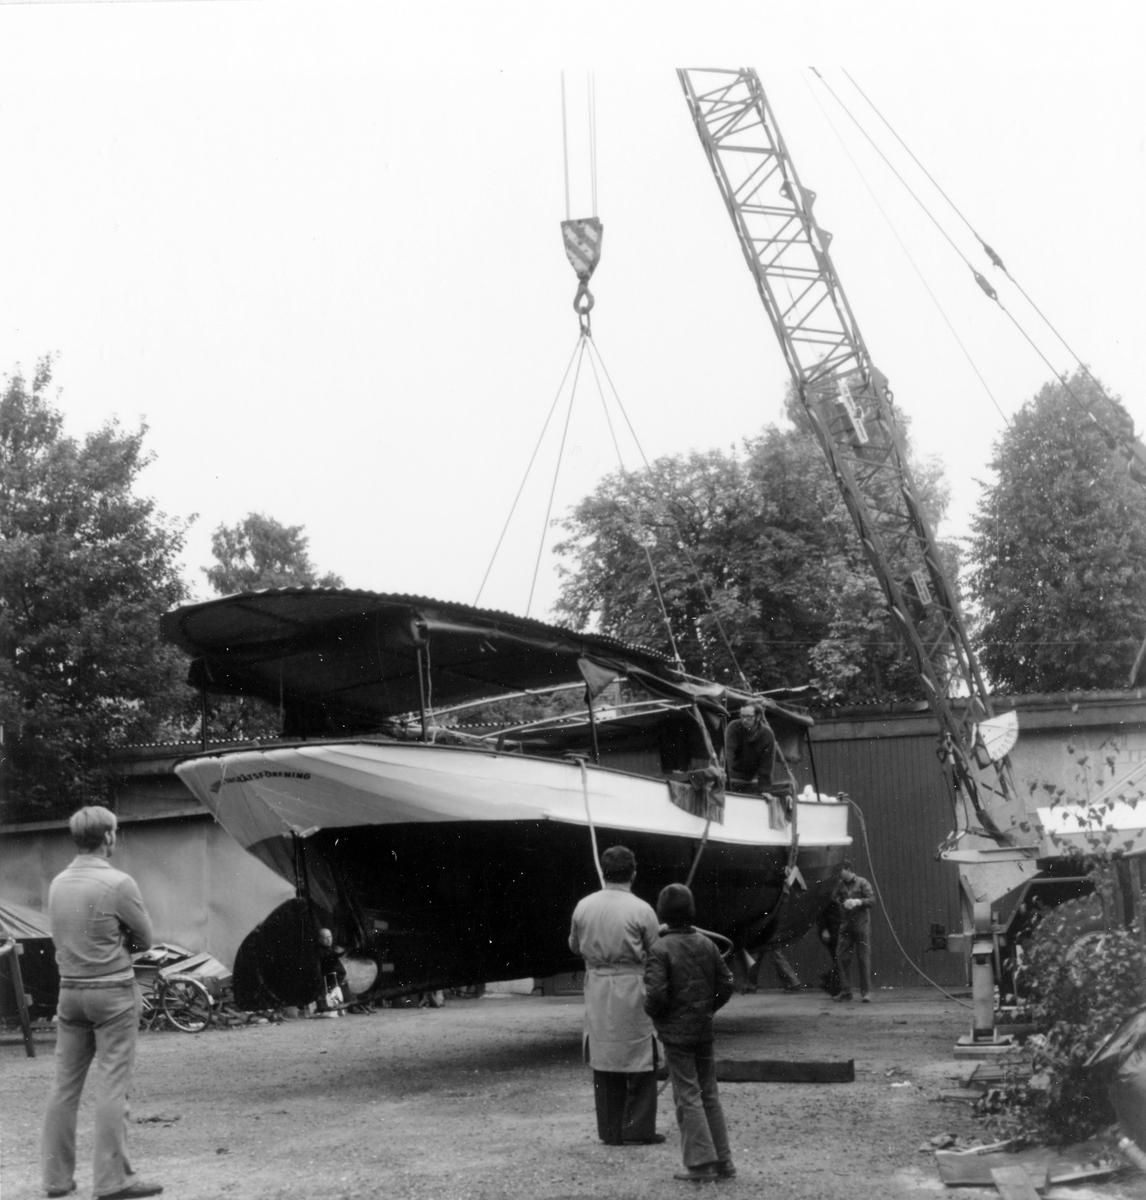 Ångfartyget Jernlunden som Mjörns ångbåtsförening renoverat för trafik på sjön Mjörn sjösätts lördagen den 11 september 1976 i Säveån. Fartyget har legat på Göta Läderfabriks område för reparation sedan maj 1976.